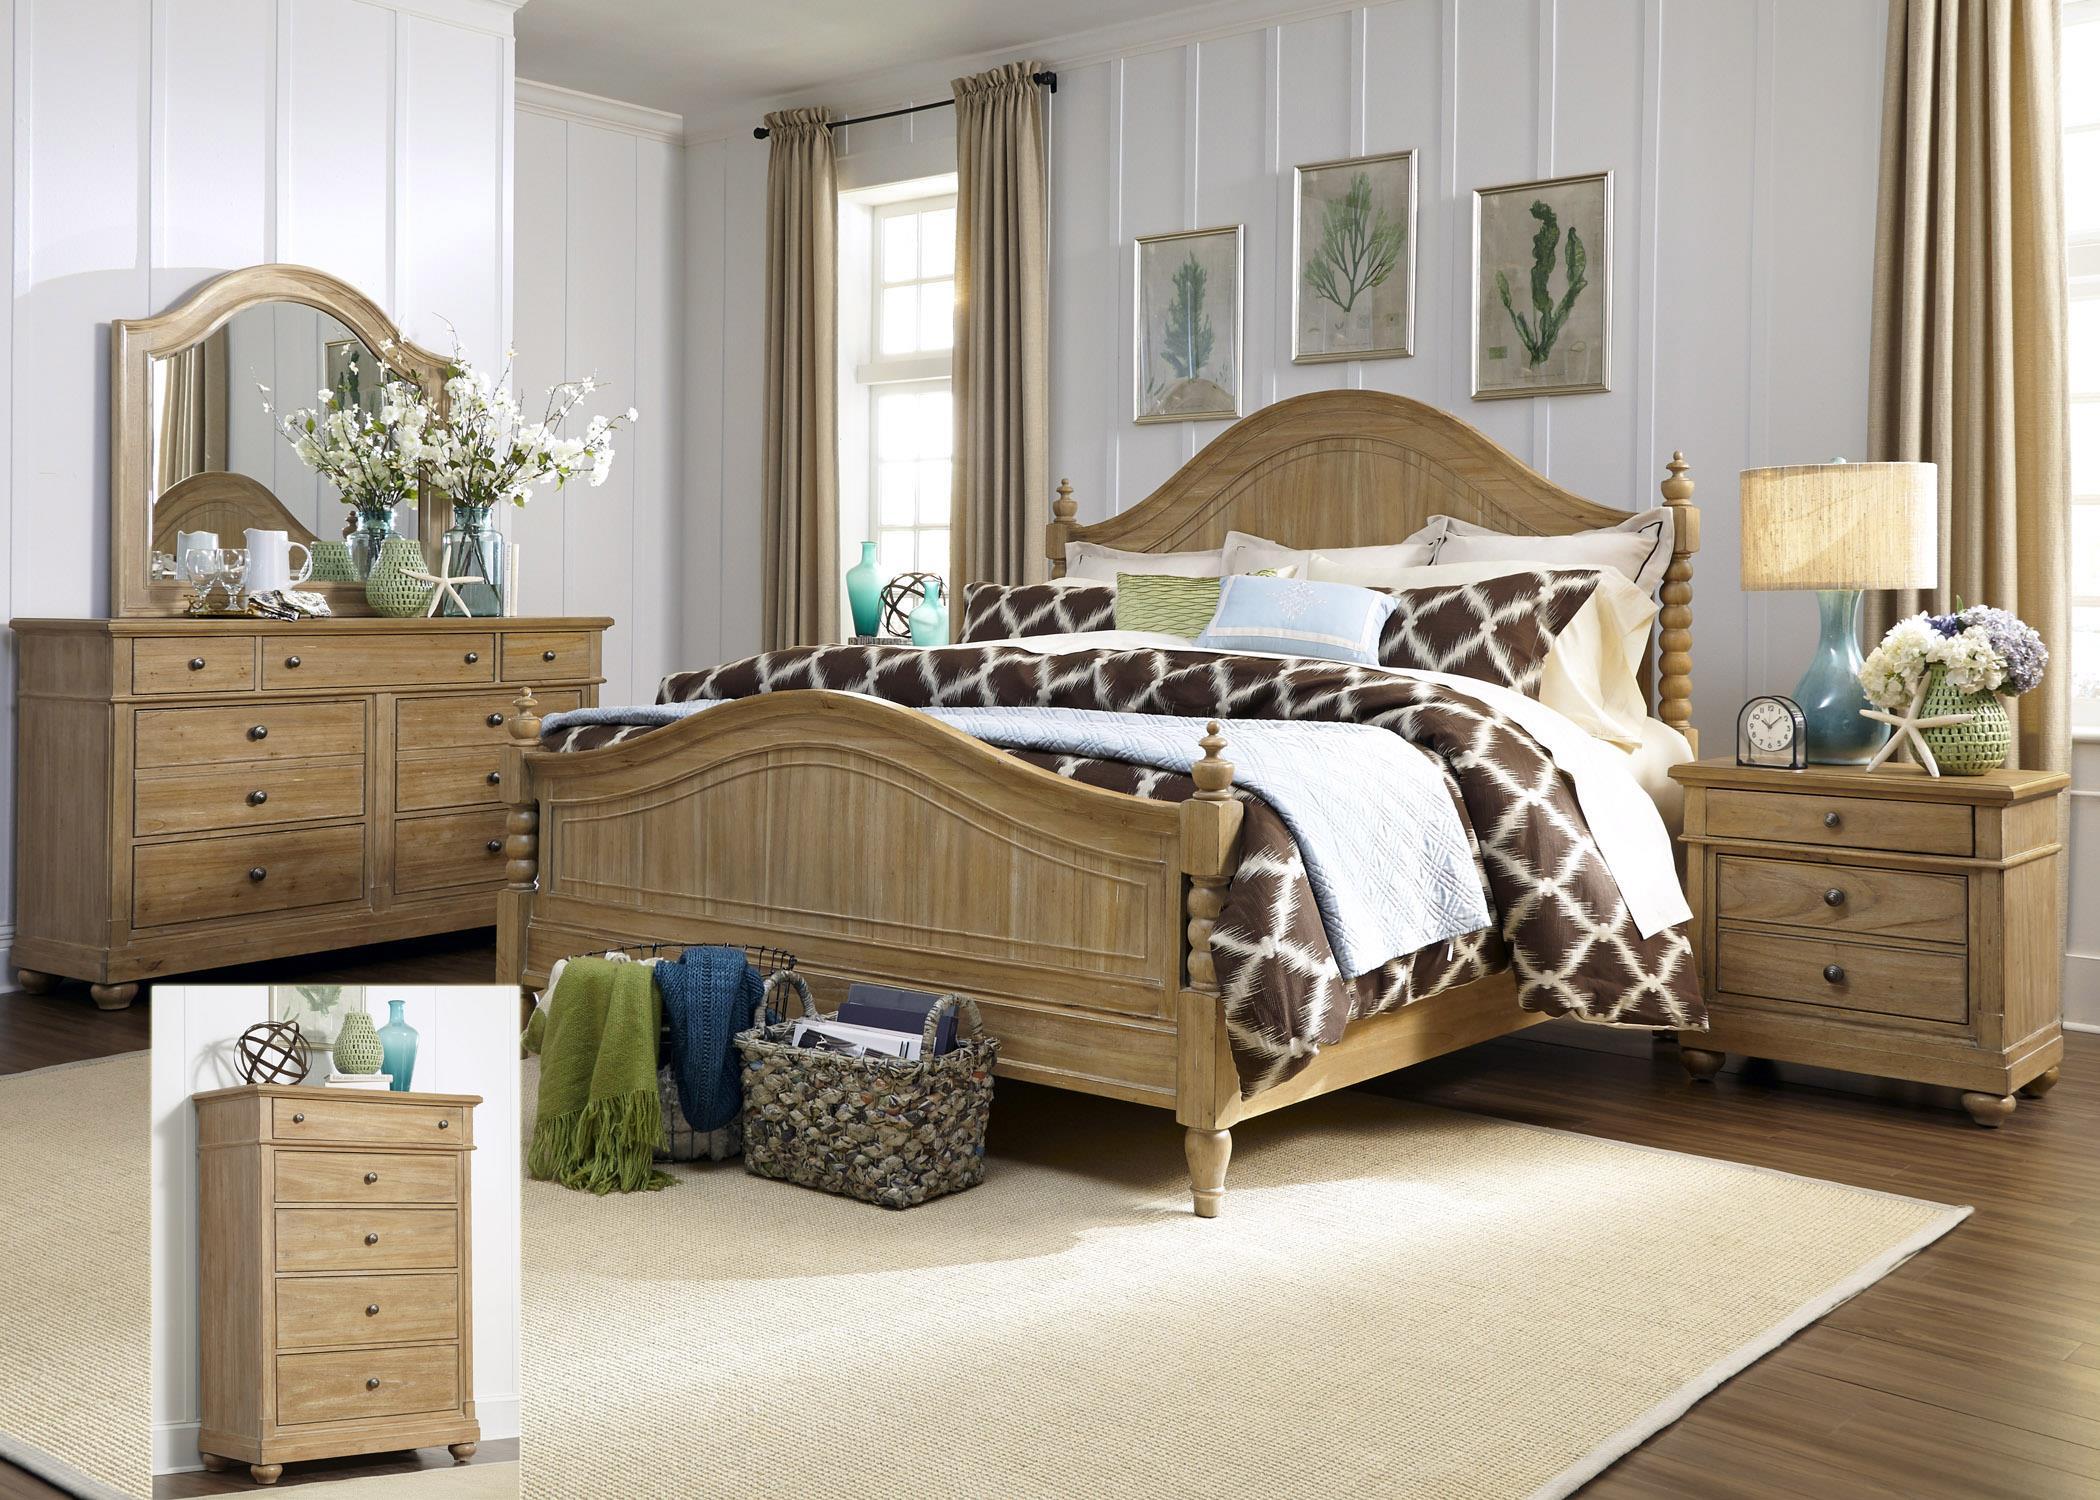 Liberty Furniture Harbor View Queen Bedroom Group - Item Number: 531-BR-QPSDMCN